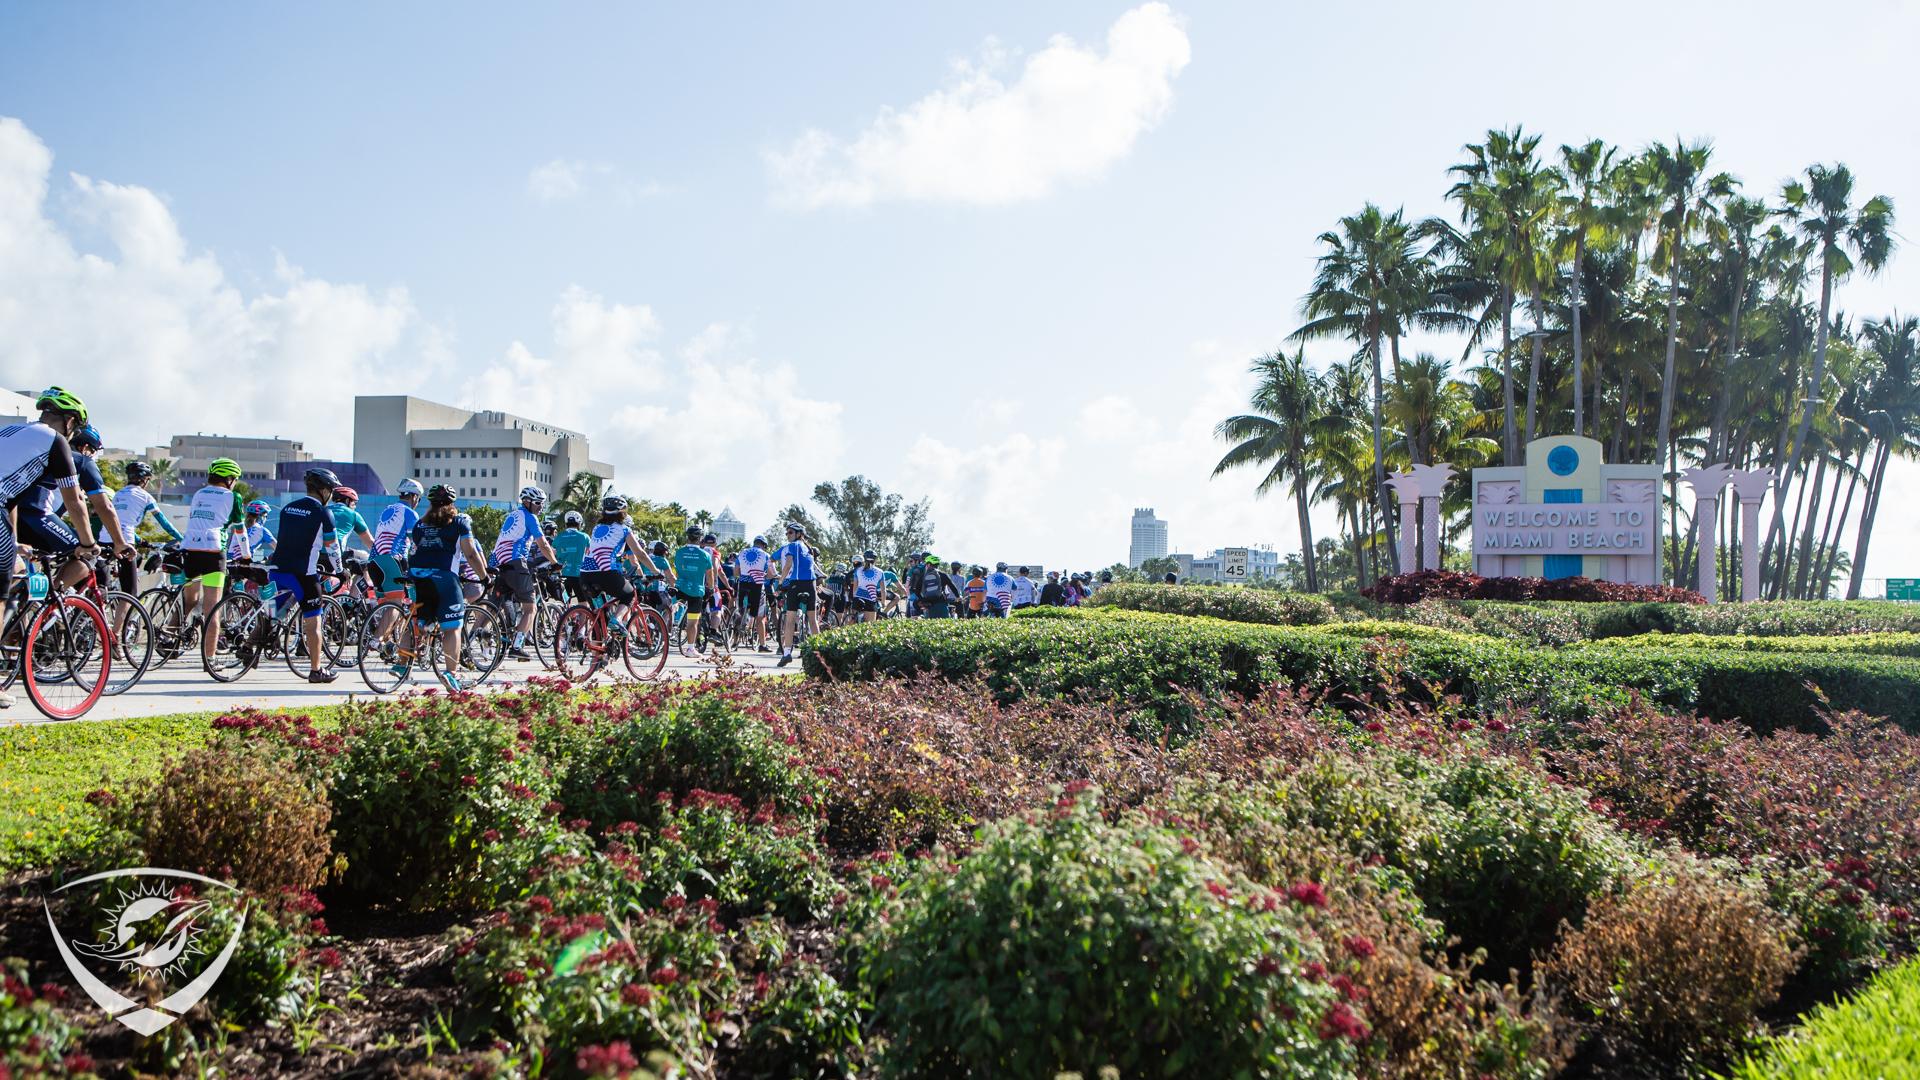 DCC rides through Miami Beach